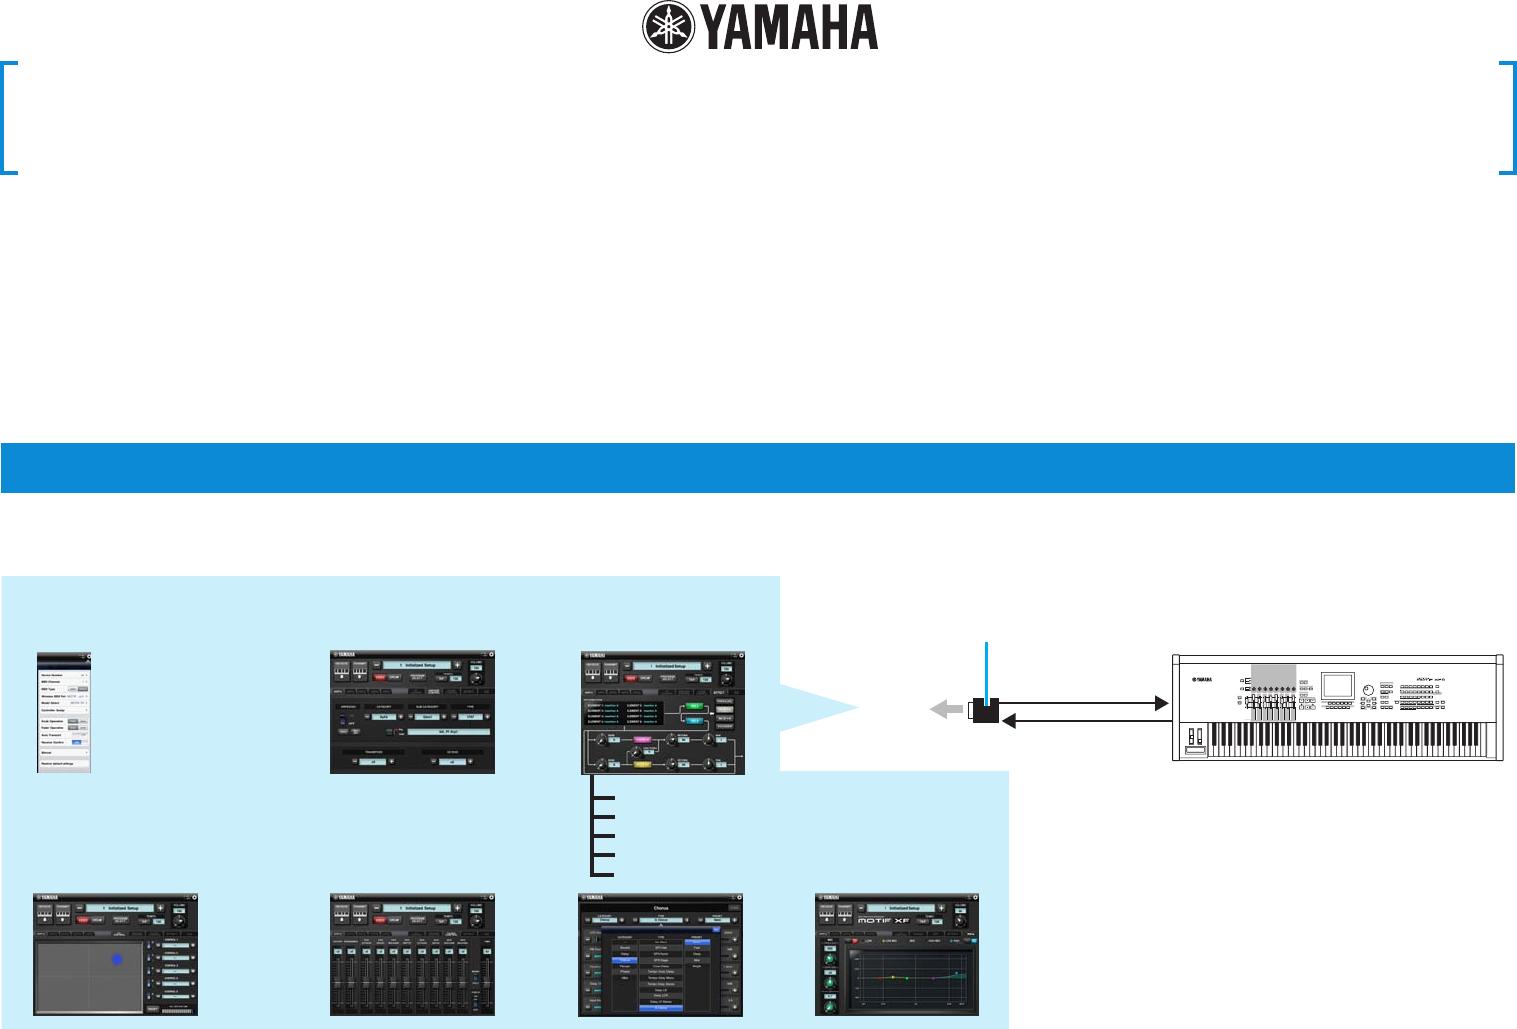 Yamaha Recording Equipment MOTIF XF User Guide